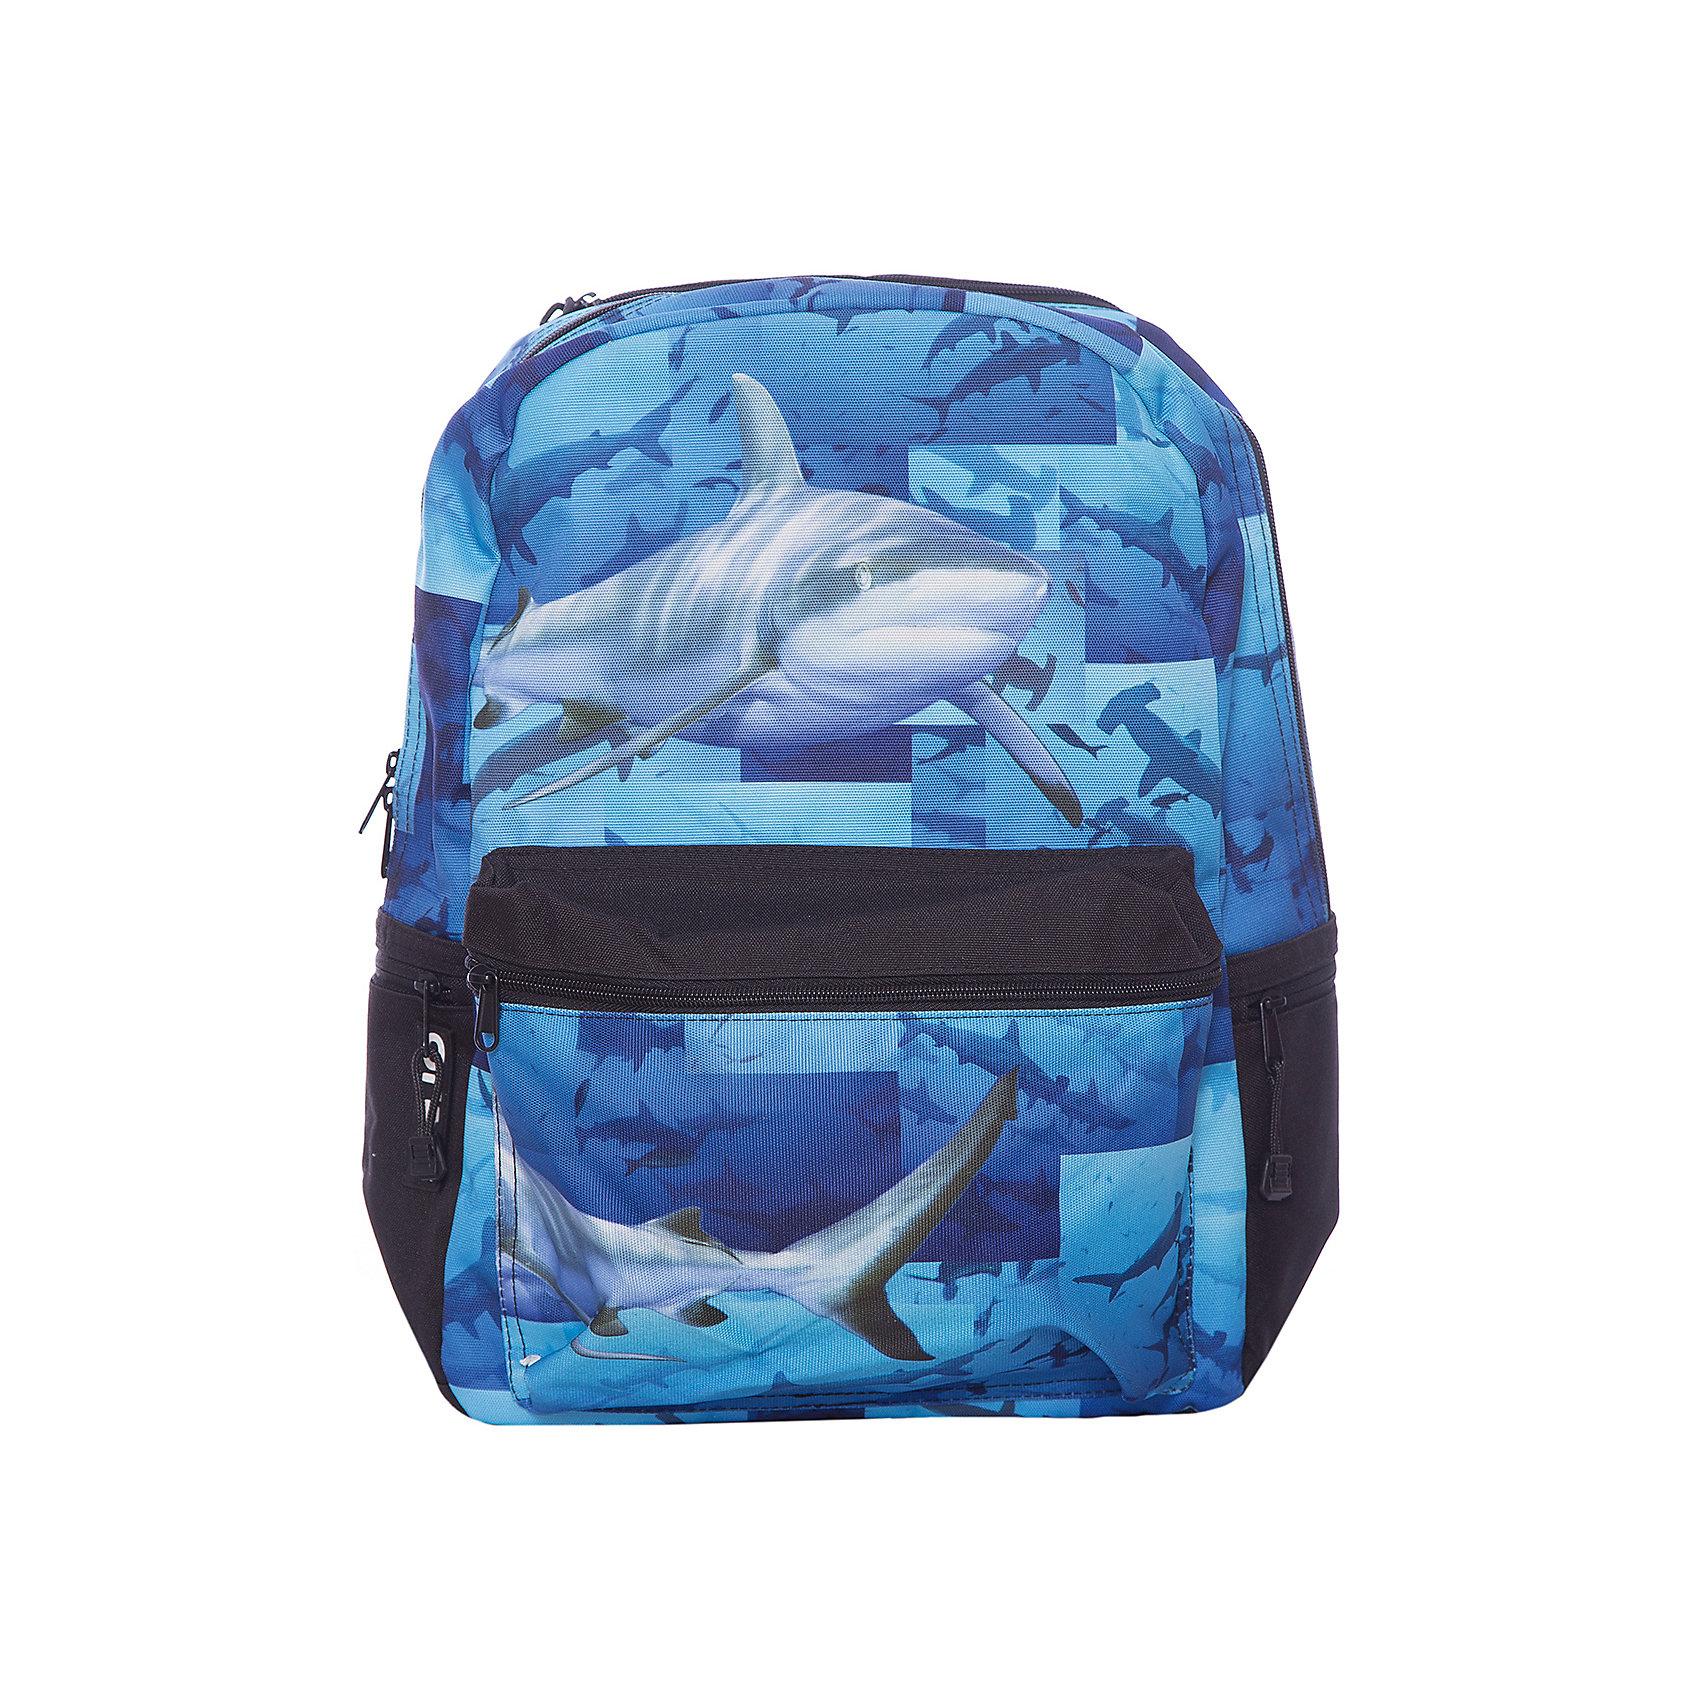 Рюкзак Sharks, цвет (черный/мульти)Рюкзаки<br>Характеристики товара:<br><br>• цвет: черный/мульти;<br>• возраст: от 10 лет;<br>• вес: 0,5 кг;<br>• размер: 43х30х16 см;<br>• принт светится при попадании на него ультрафиолетовых лучей;<br>• вместительный внутренний отсек;<br>• накладной карман на молнии;<br>• уплотненная спинка, дно и ремни;<br>• прочная текстильная ручка;<br>• подвесная система регулировки лямок;<br>• материал: полиэстер;<br>• страна бренда: США;<br>• страна изготовитель: Китай.<br><br>Синий рюкзак «Sharks» мгновенно выделяется реалистичным принтом – плывущими акулами устрашающего вида.<br><br>В рюкзак от Моджо Пакс поместится все необходимое для школы: в большом основном отсеке расположено отделение для планшета, а в передний и боковые карманы удобно складывать мелкие вещи и аксессуары.<br><br>Рюкзак «Sharks» отделан полиуретановым покрытием, которое придает ему дополнительную прочность и устойчивость к внешним воздействиям.<br><br>Усиленная спинка благоприятно воздействует на позвоночник подростка. Широкие плотные ремни стабилизируют нагрузку.<br><br>Рюкзак Mojo Pax «Sharks» с наушниками можно купить в нашем интернет-магазине.<br><br>Ширина мм: 430<br>Глубина мм: 300<br>Высота мм: 160<br>Вес г: 500<br>Возраст от месяцев: 120<br>Возраст до месяцев: 720<br>Пол: Унисекс<br>Возраст: Детский<br>SKU: 7054138